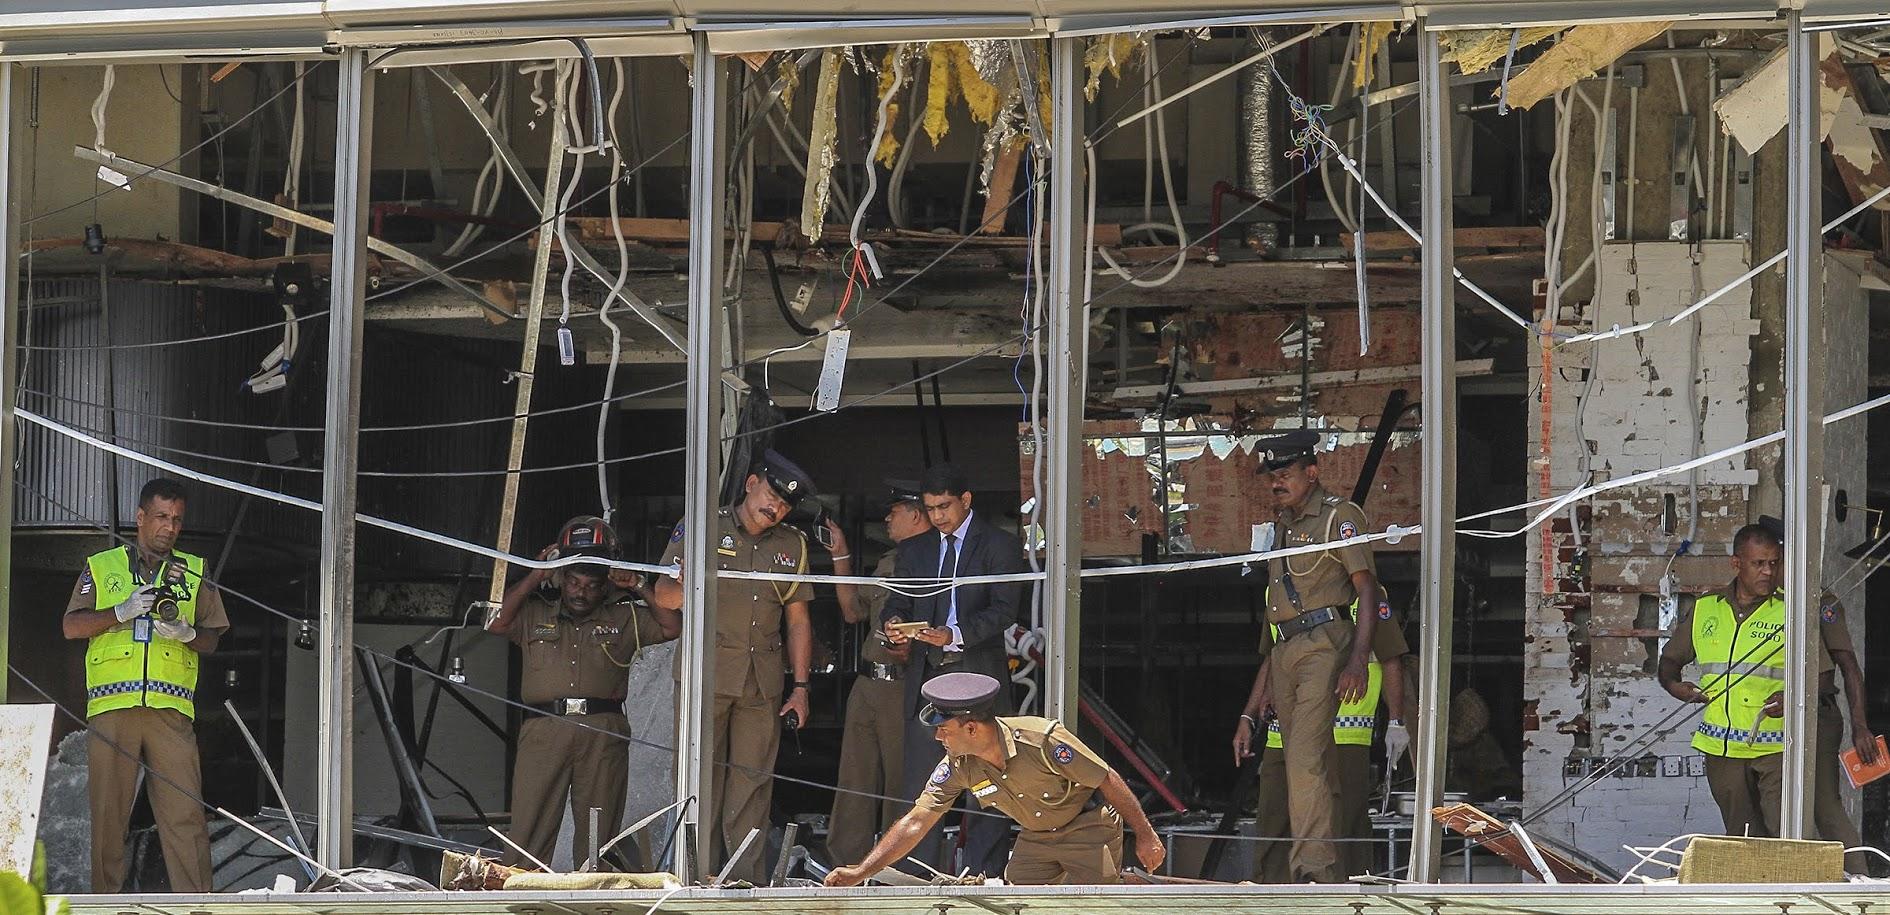 कोलंबो बॉम्बस्फोट प्रकरणाचं हे आहे पाकिस्तान कनेक्शन